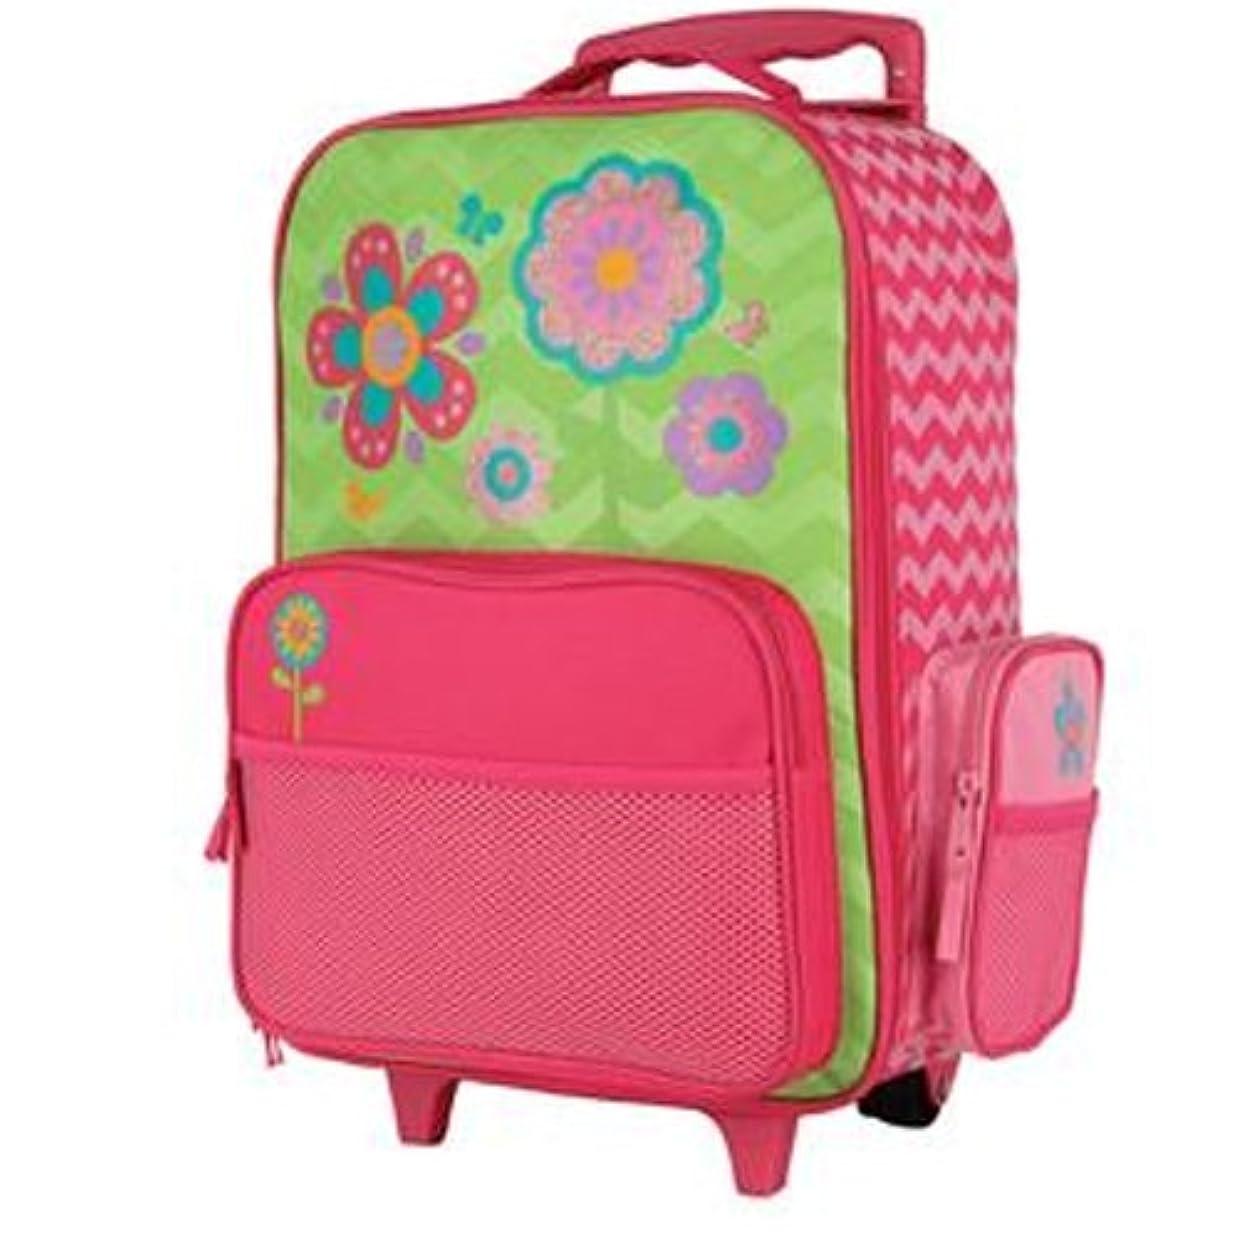 私達真っ逆さま人ステファンジョセフ 女の子用シェブロンフラワーGO-GOキャリーケース(直立型)6歳以上対象 花柄,トローリー,キャリーバッグ,スーツケース,トランク,旅行,通学バッグ [並行輸入品]